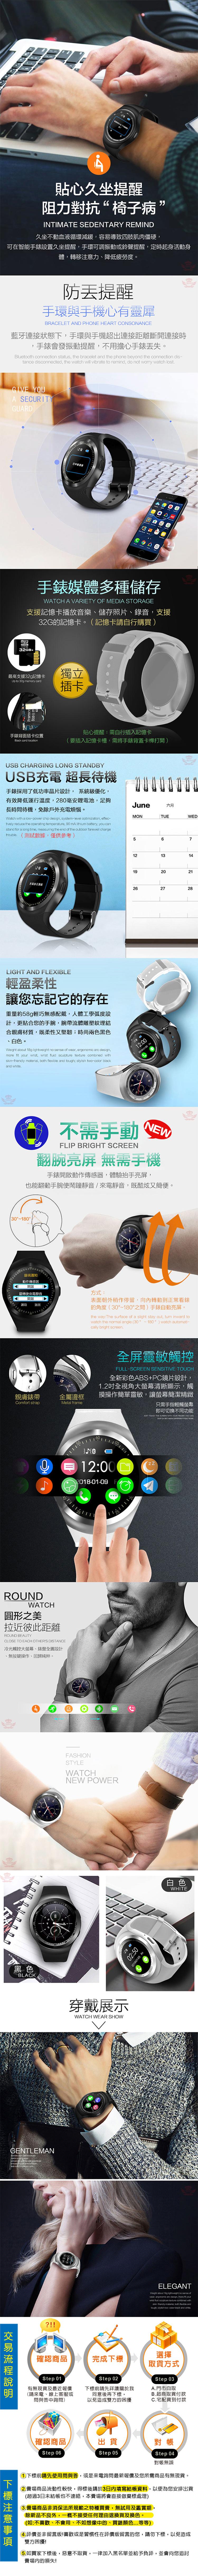 W9 藍芽智慧手錶☆手機批發網☆OLED顯示《IOS、安卓版》不鏽鋼手錶,觸控手環,支援LINE、FB,可通話,繁體